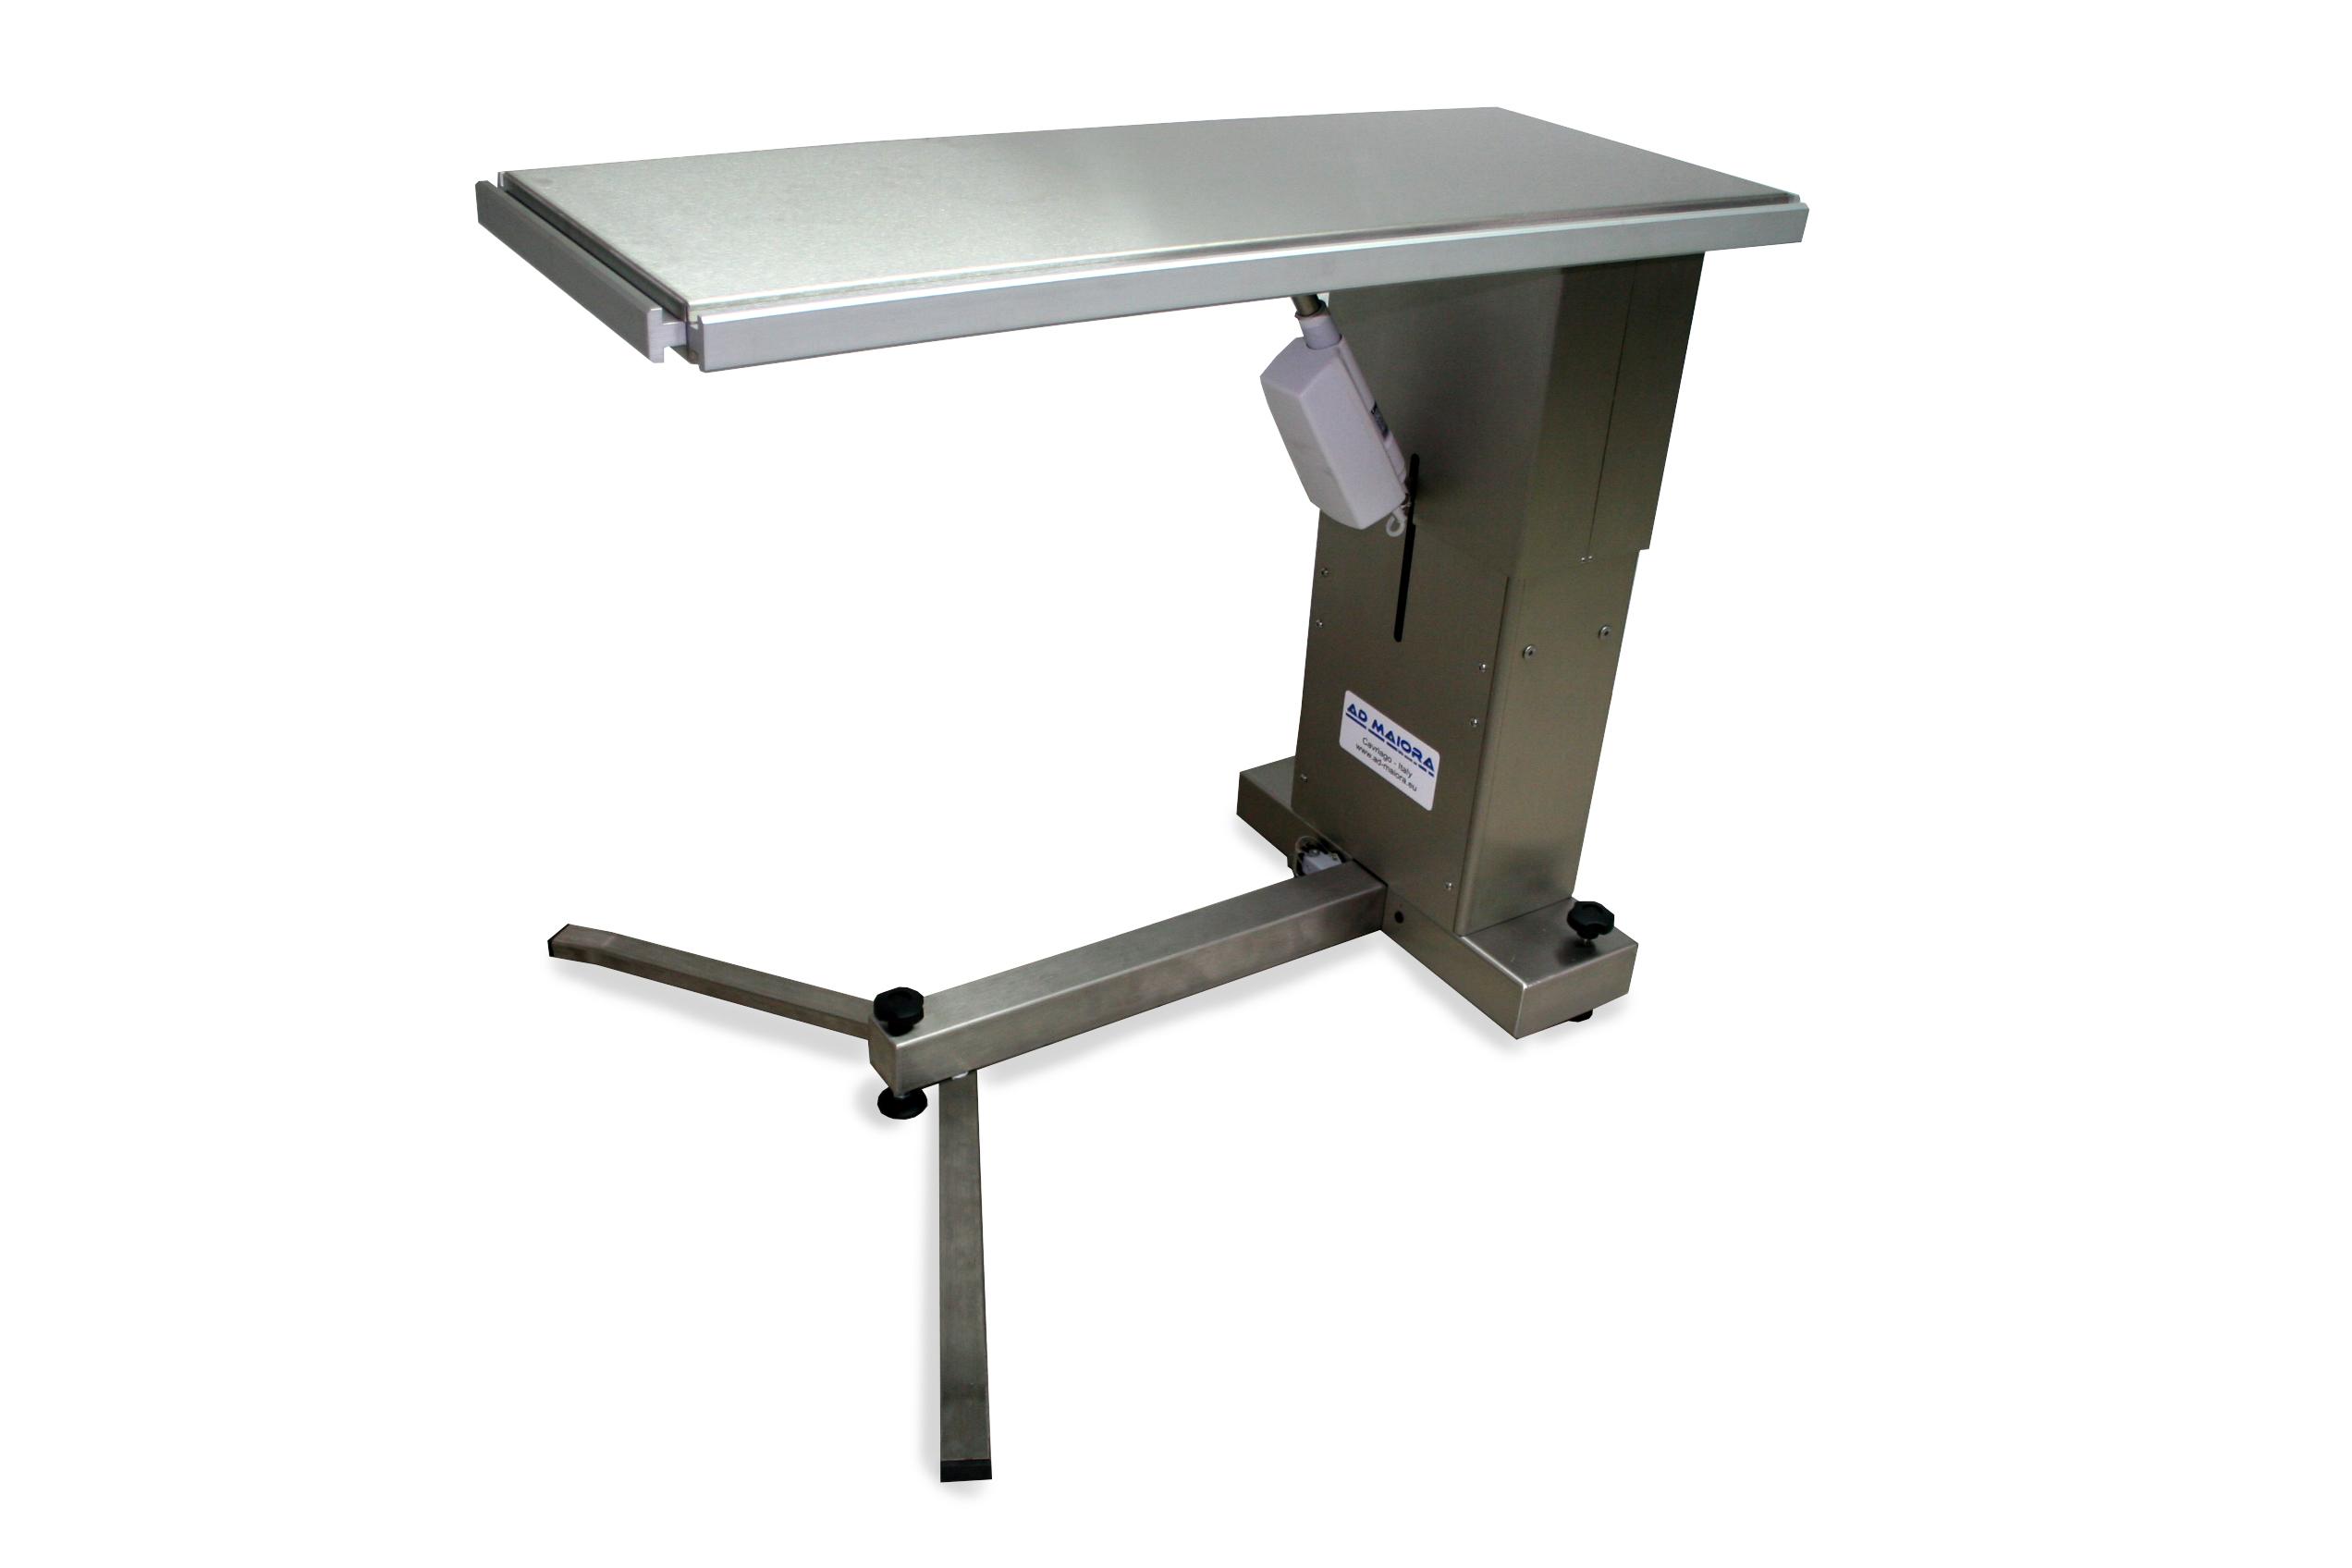 Piano inox per tavolo chirurgico